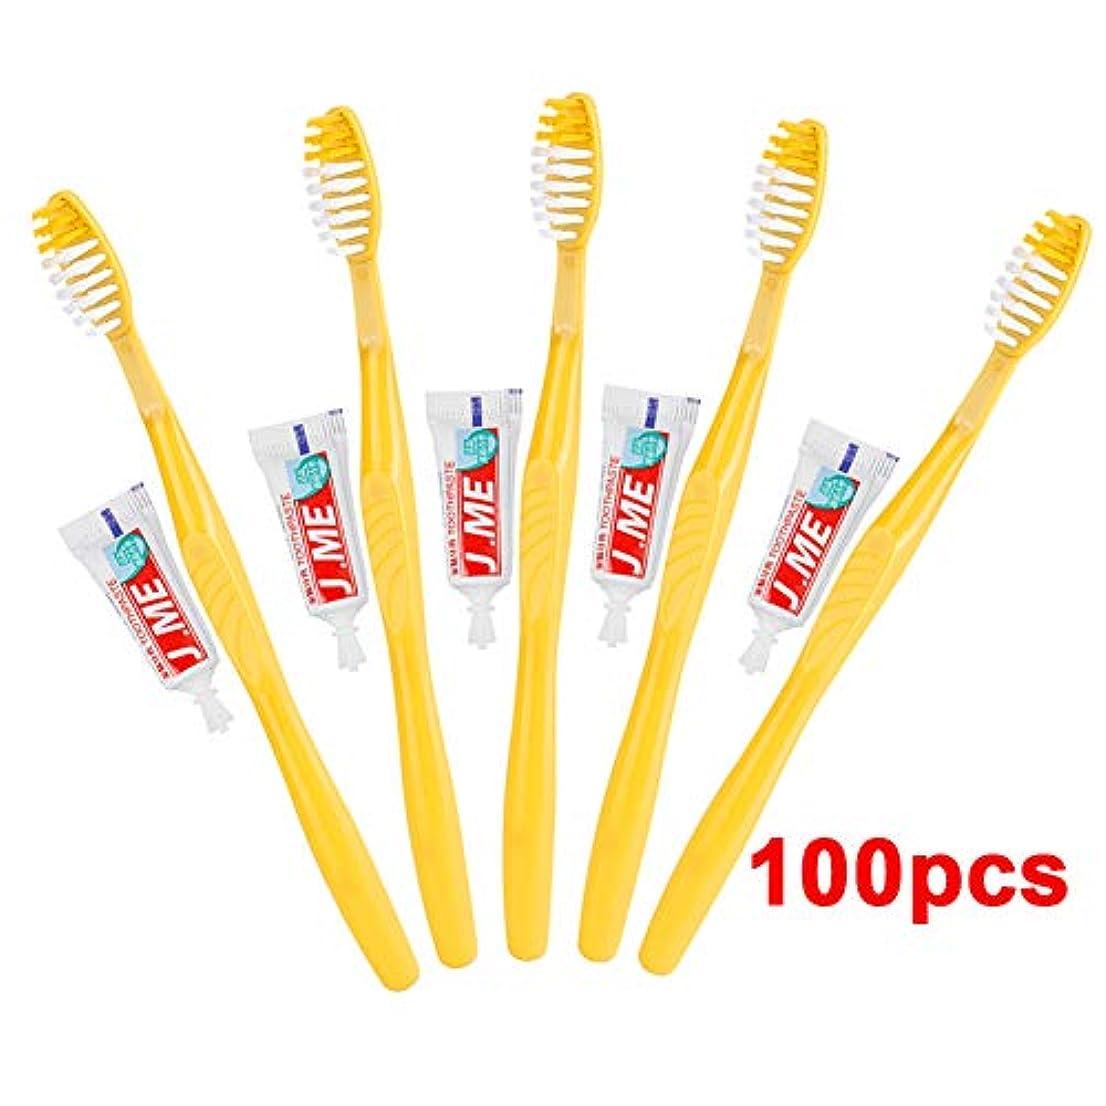 生まれ補償平手打ちDoo 超安い 100本入り 業務用使い捨て歯ブラシセット ハミガキ粉付き 使い捨て歯ブラシ ビジネス ホテル 工業用